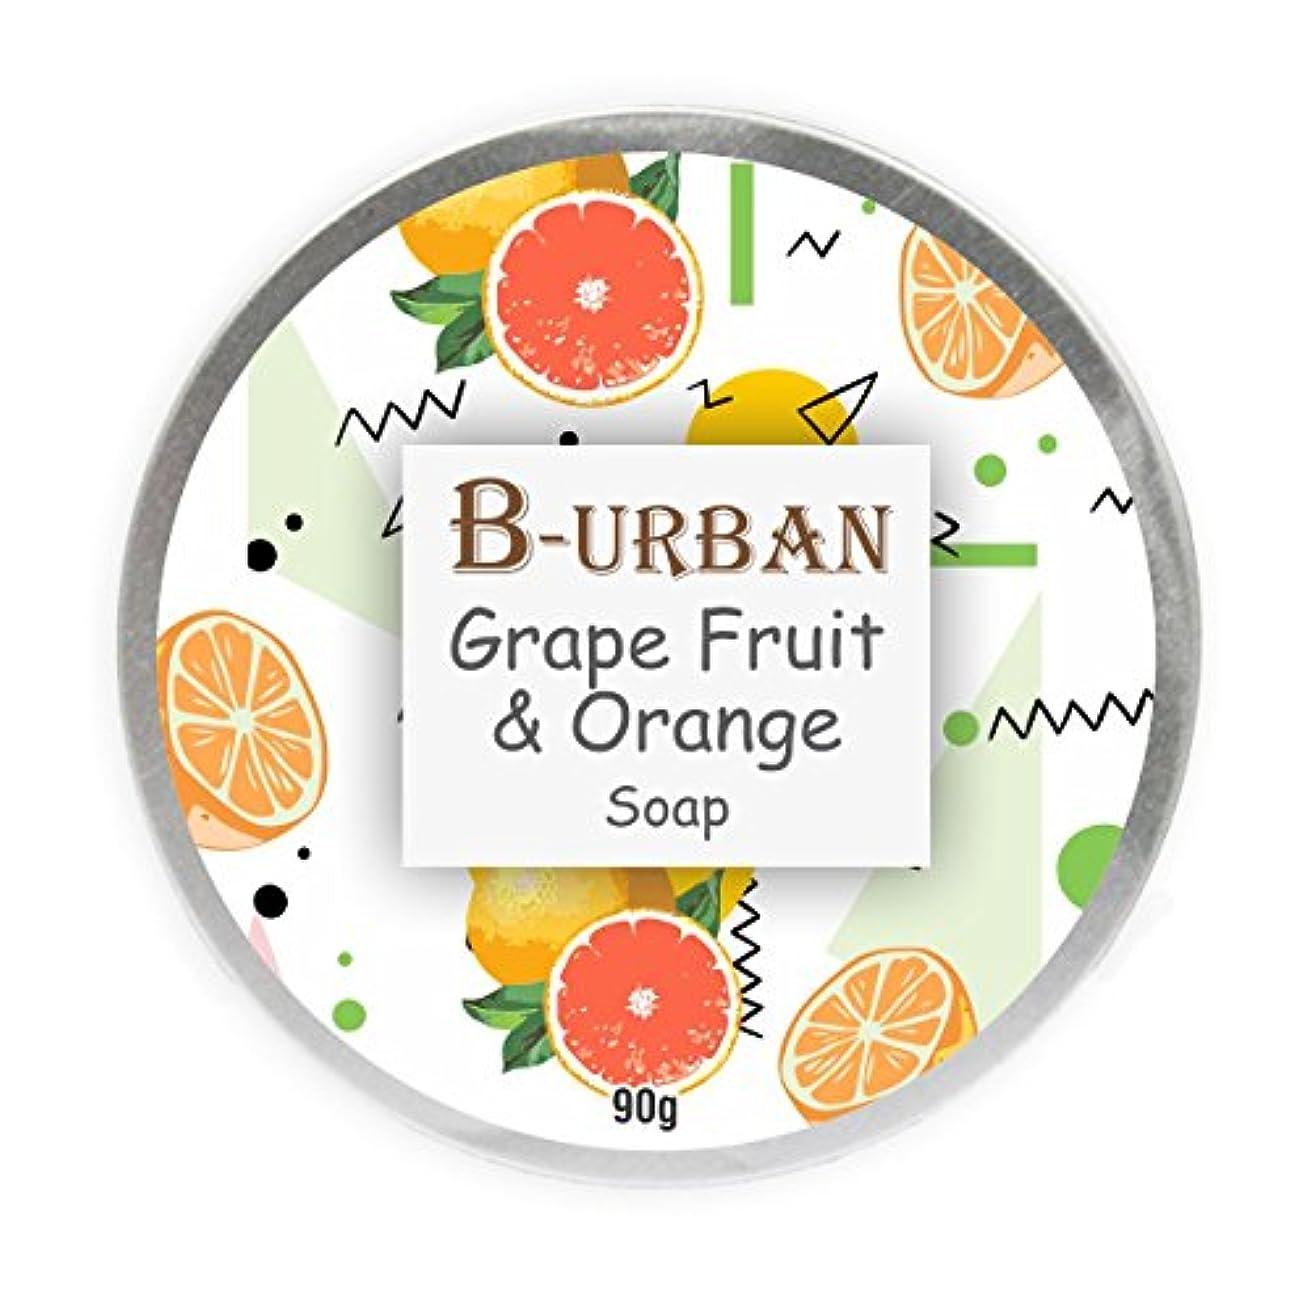 アテンダント戸惑う時期尚早B-Urban Grape Fruit And Orange Soap Made With Natural And Organic Ingredients. Paraben And Sulphate Free. Anti...